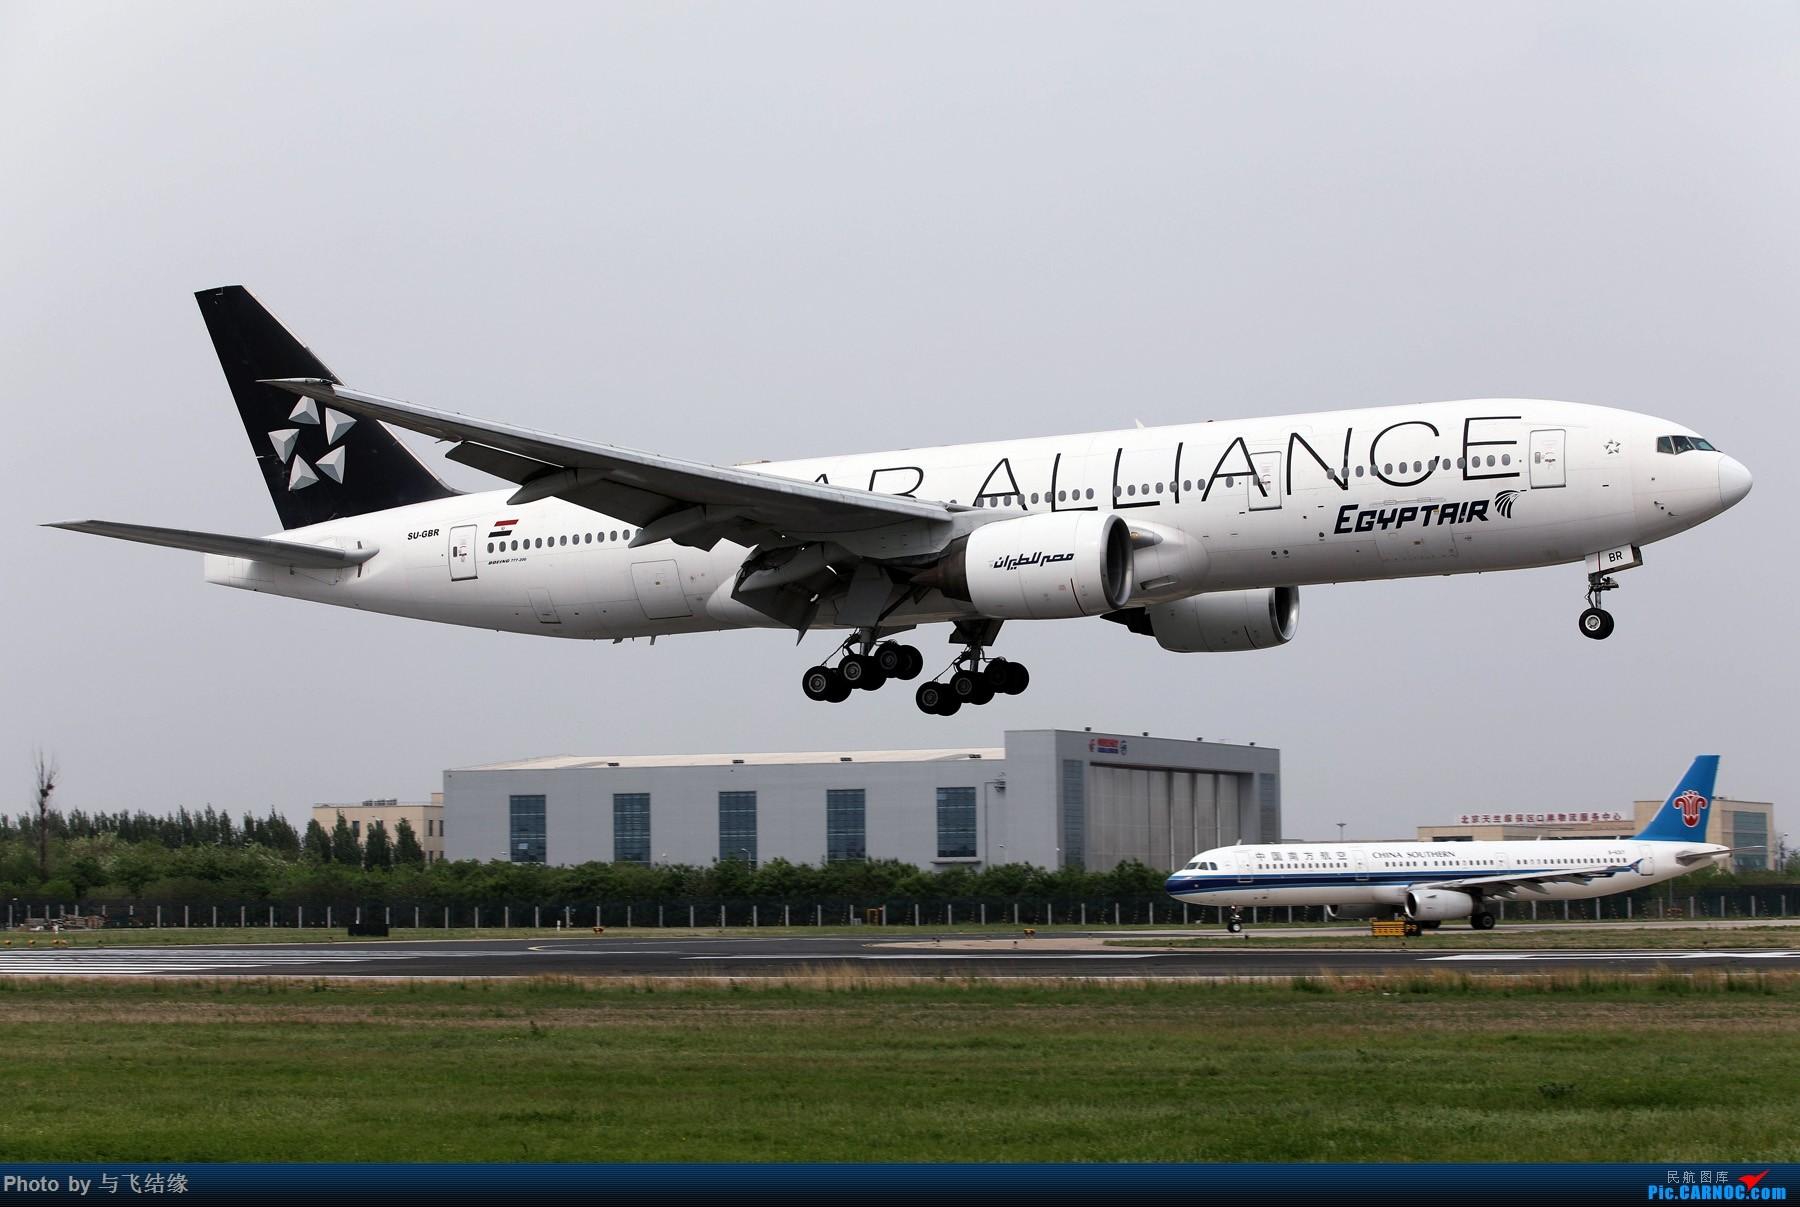 [原创]埃及航空星空联盟涂装Boeing 777-200ER. BOEING 777-200ER SU-GBR 中国北京首都国际机场